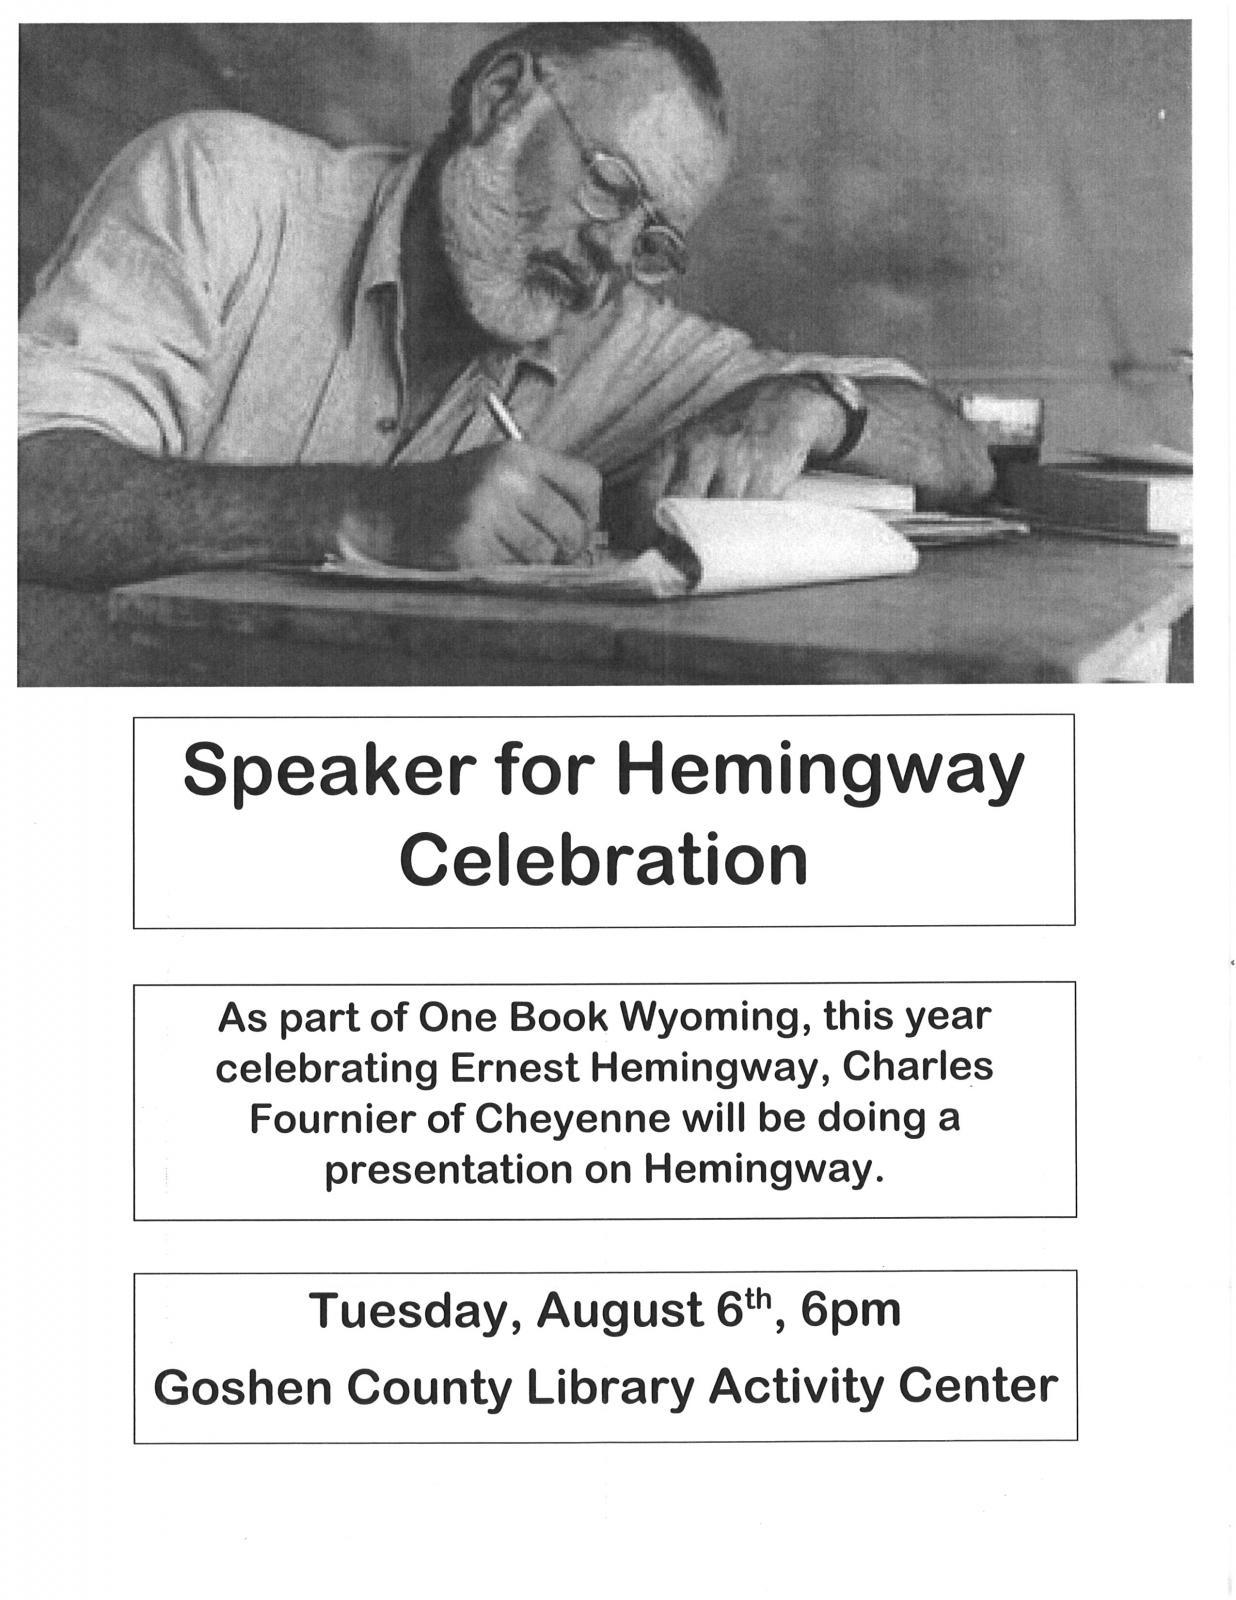 Speaker for Hemingway Celebration Photo